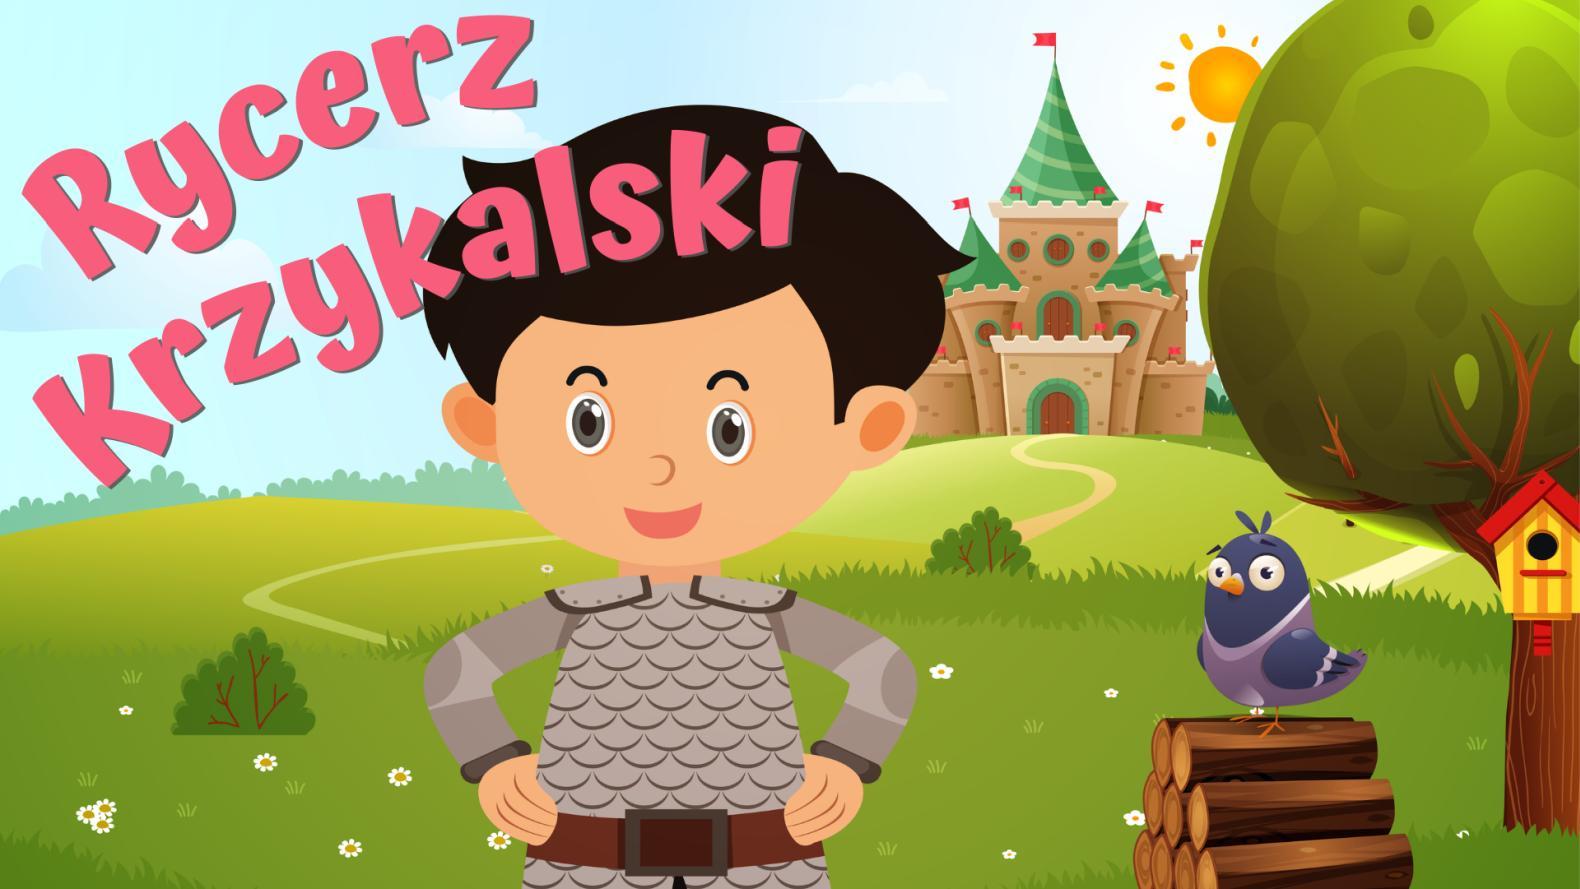 Rycerz Krzykalski